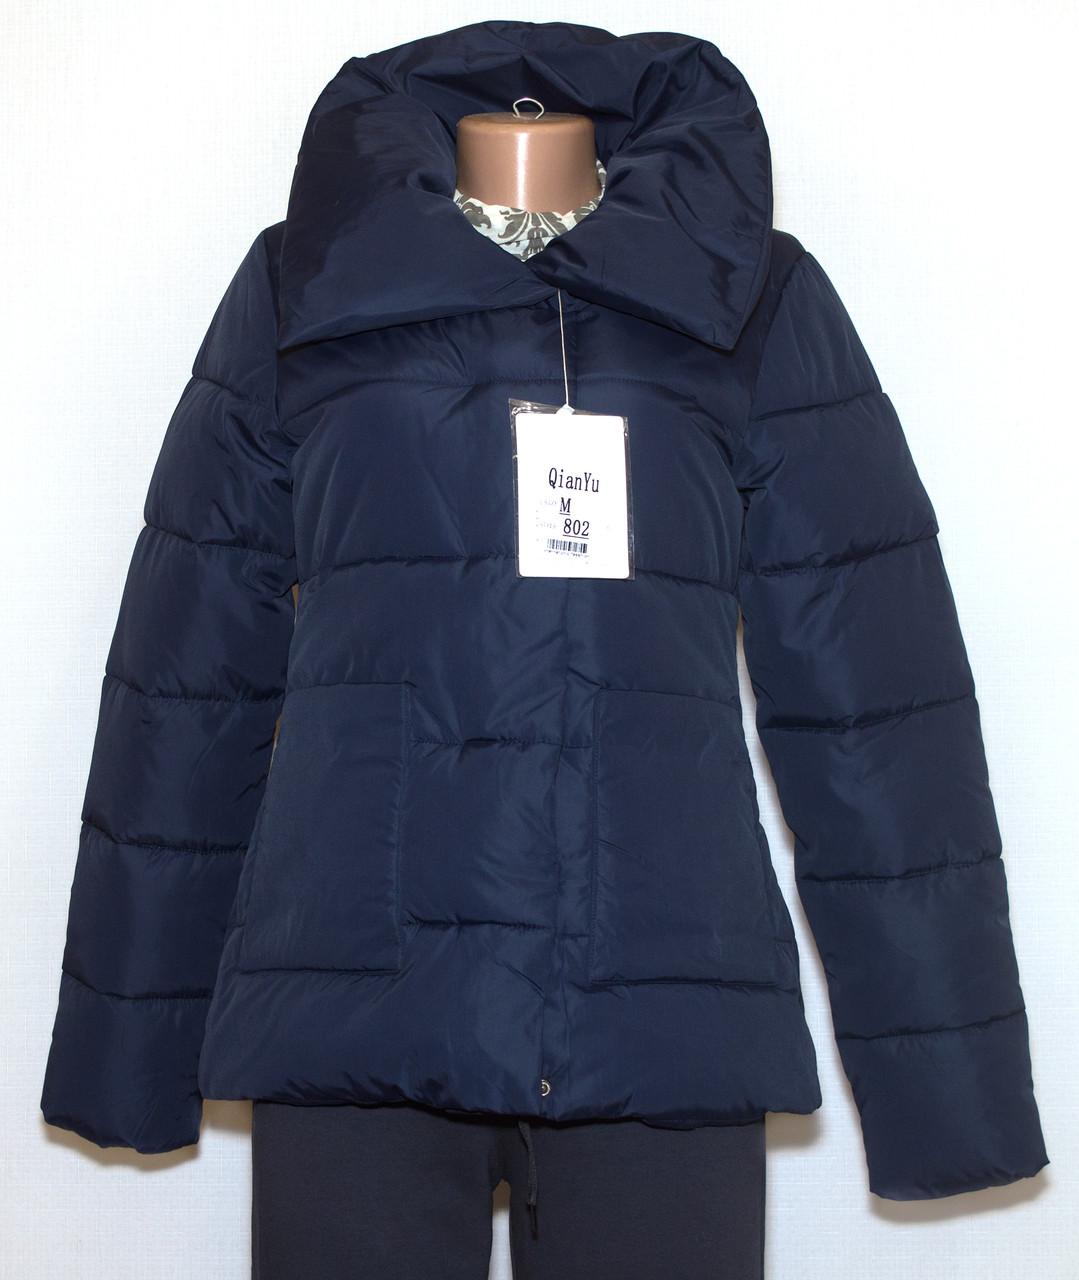 Демисезонная молодежная куртка-пиджак XL